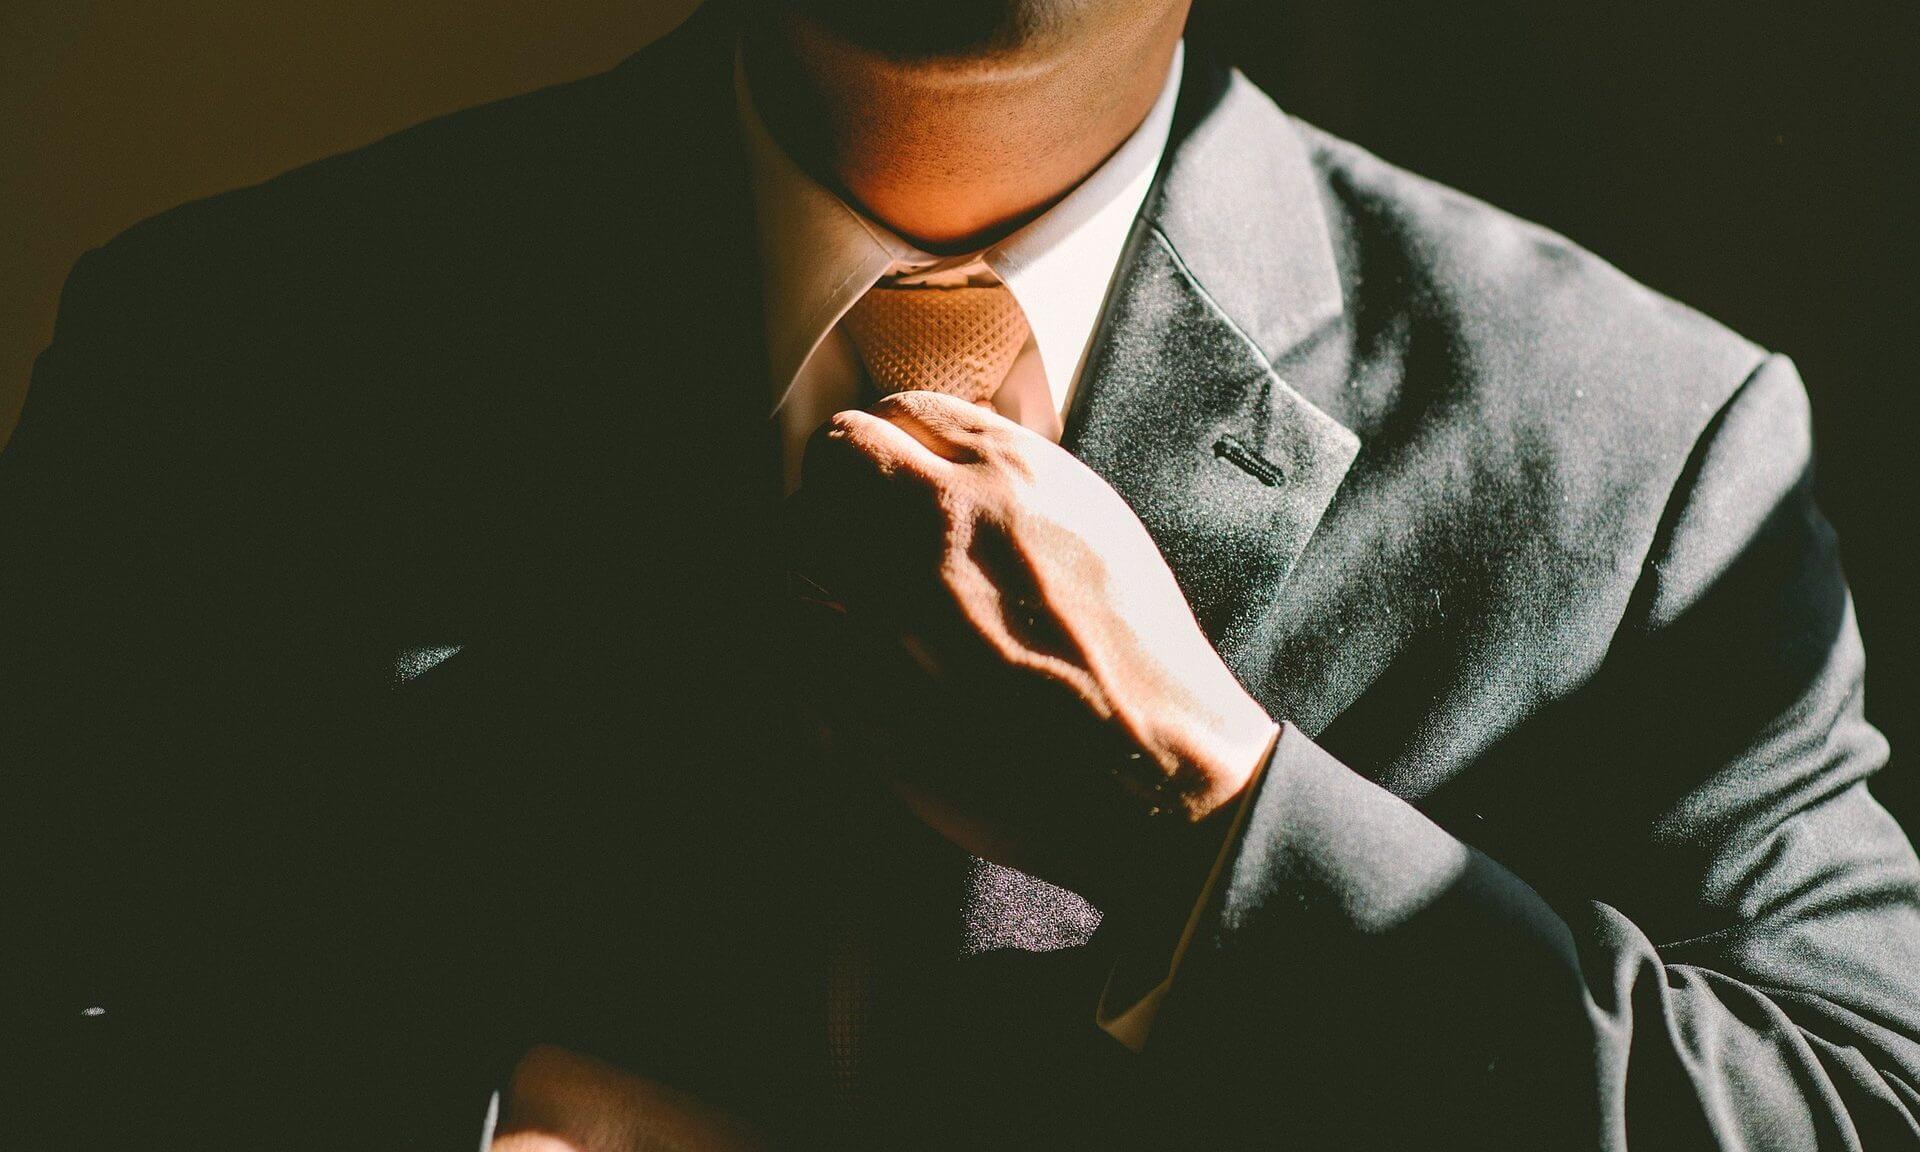 Международный день мужчин отмечают ежегодно 19 ноября